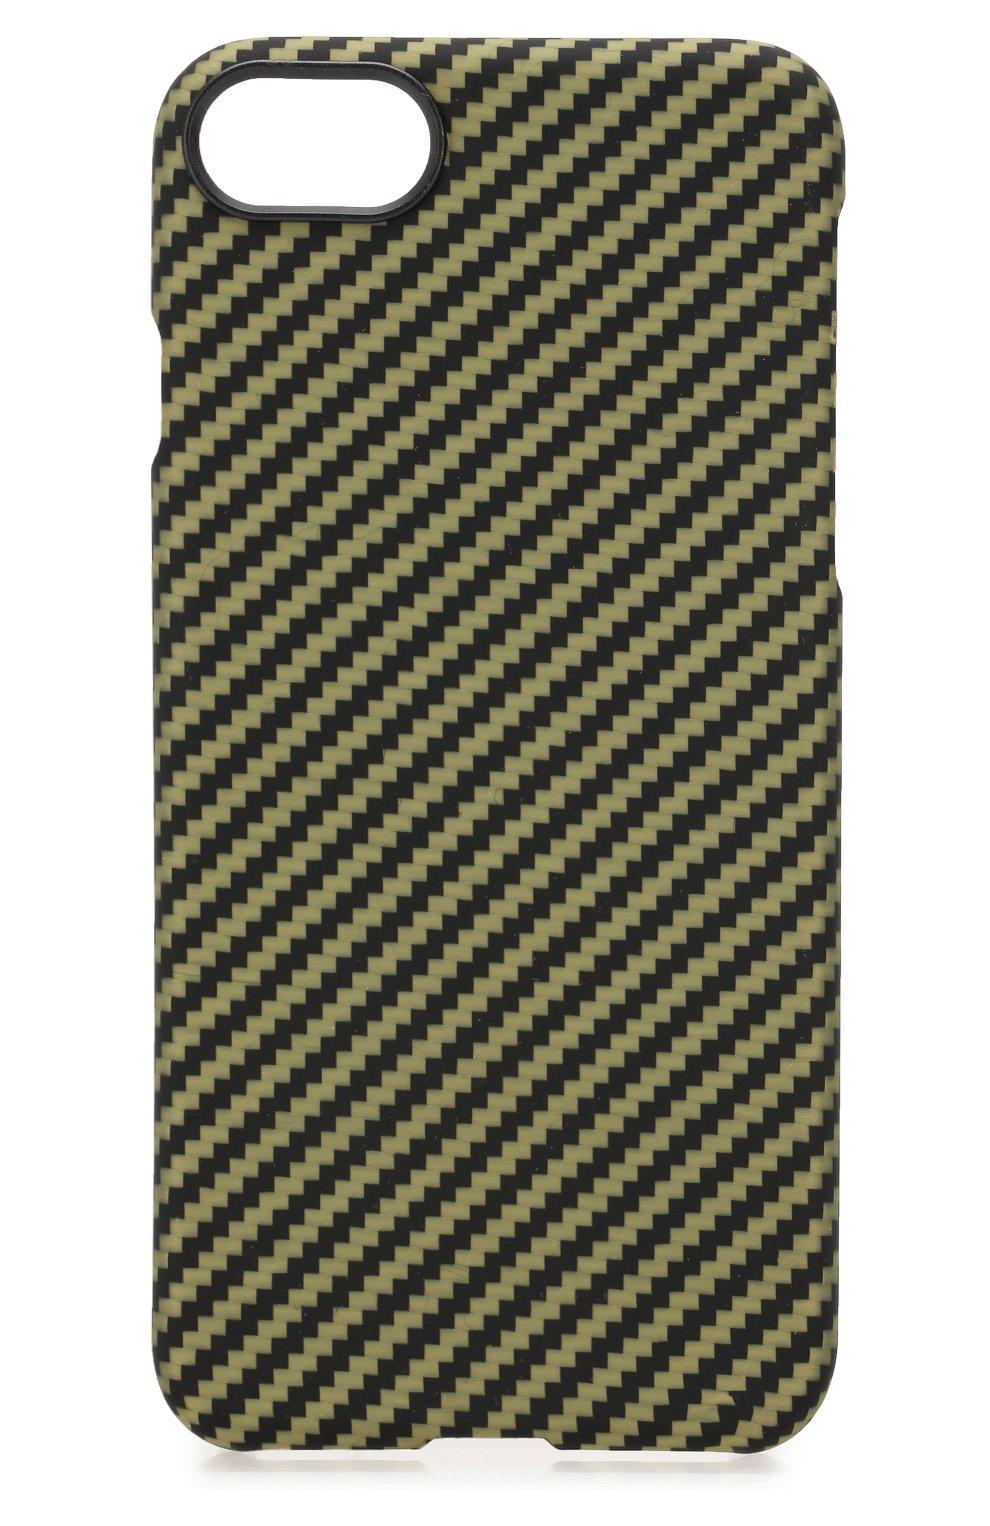 Чехол для IPhone 7/8 из кевларовой нити   Фото №1